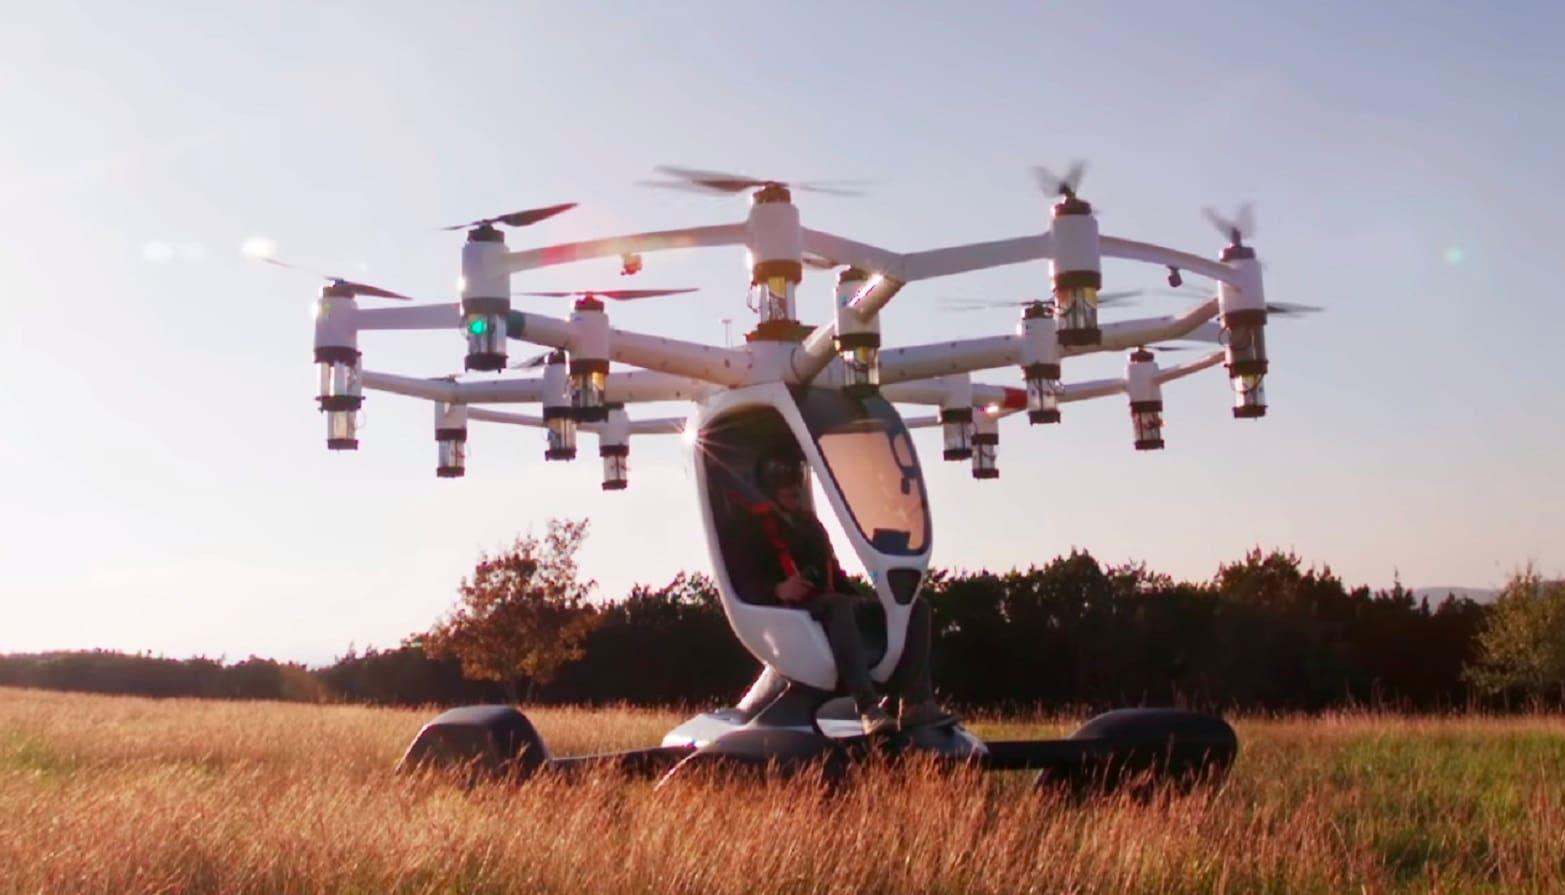 lift drone in field